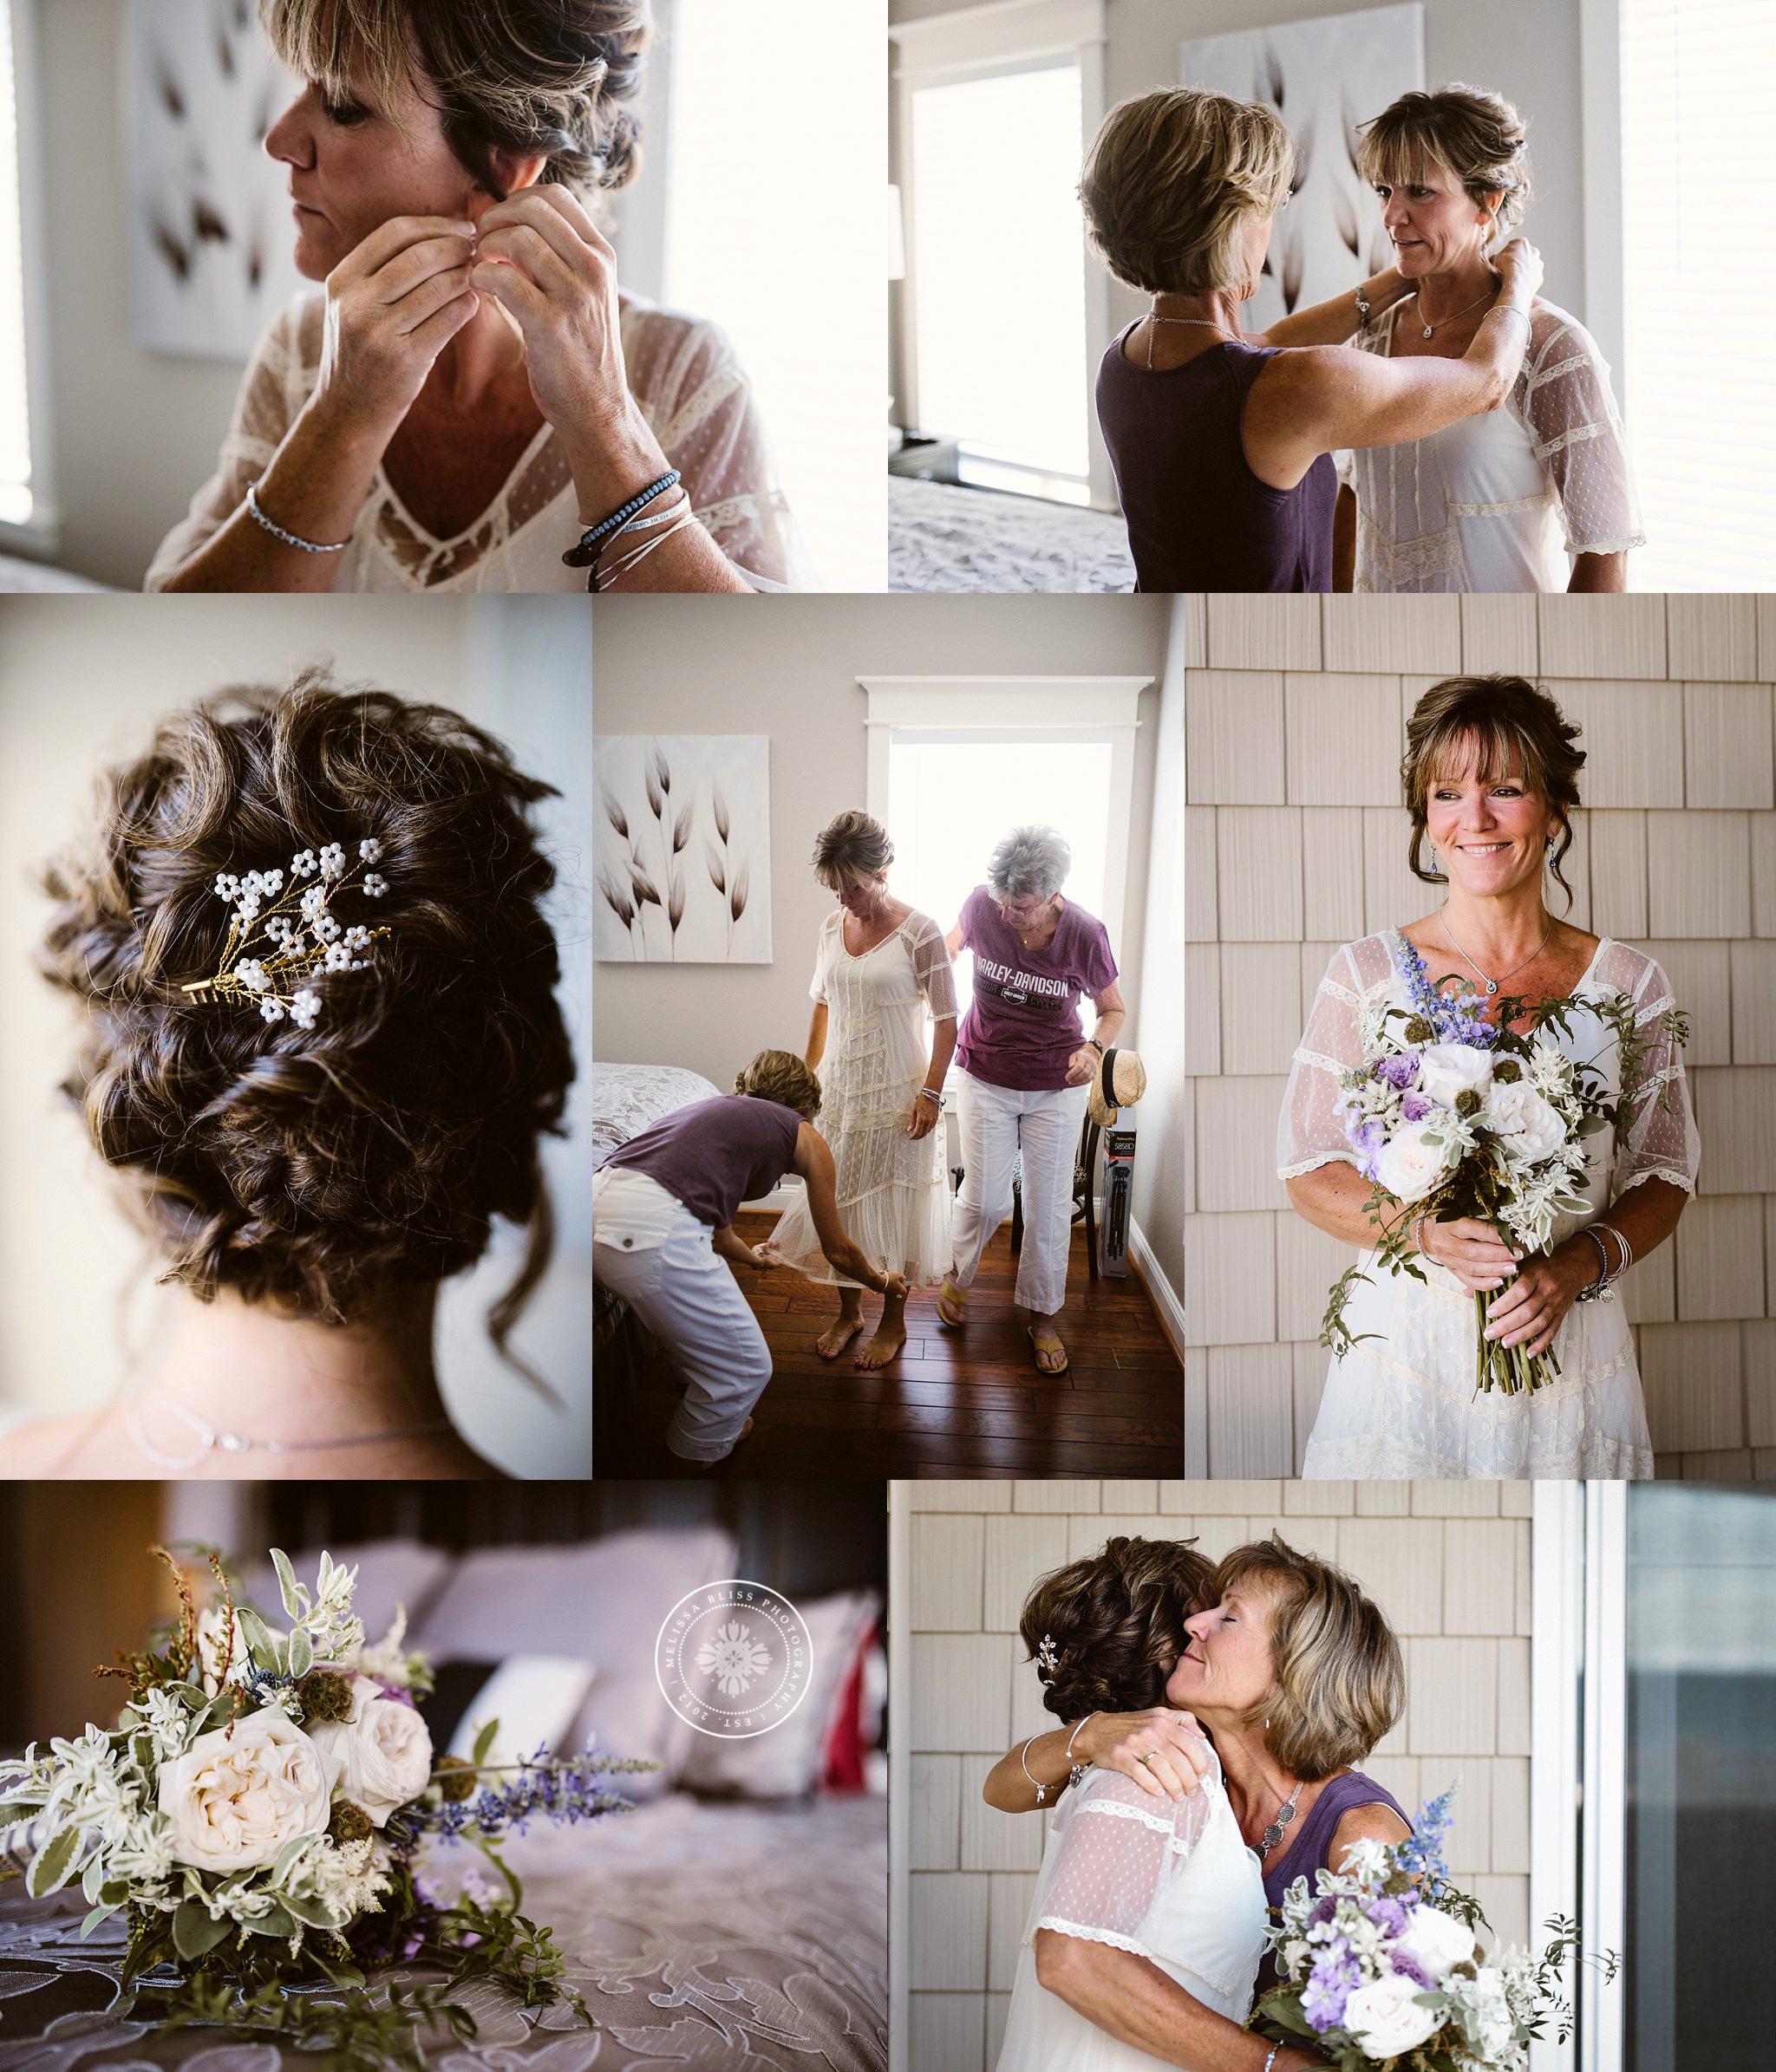 sandbridge-virginia-beach-wedding-photographers-melissa-bliss-photography-sandbridge-beach-cottage-wedding.jpg